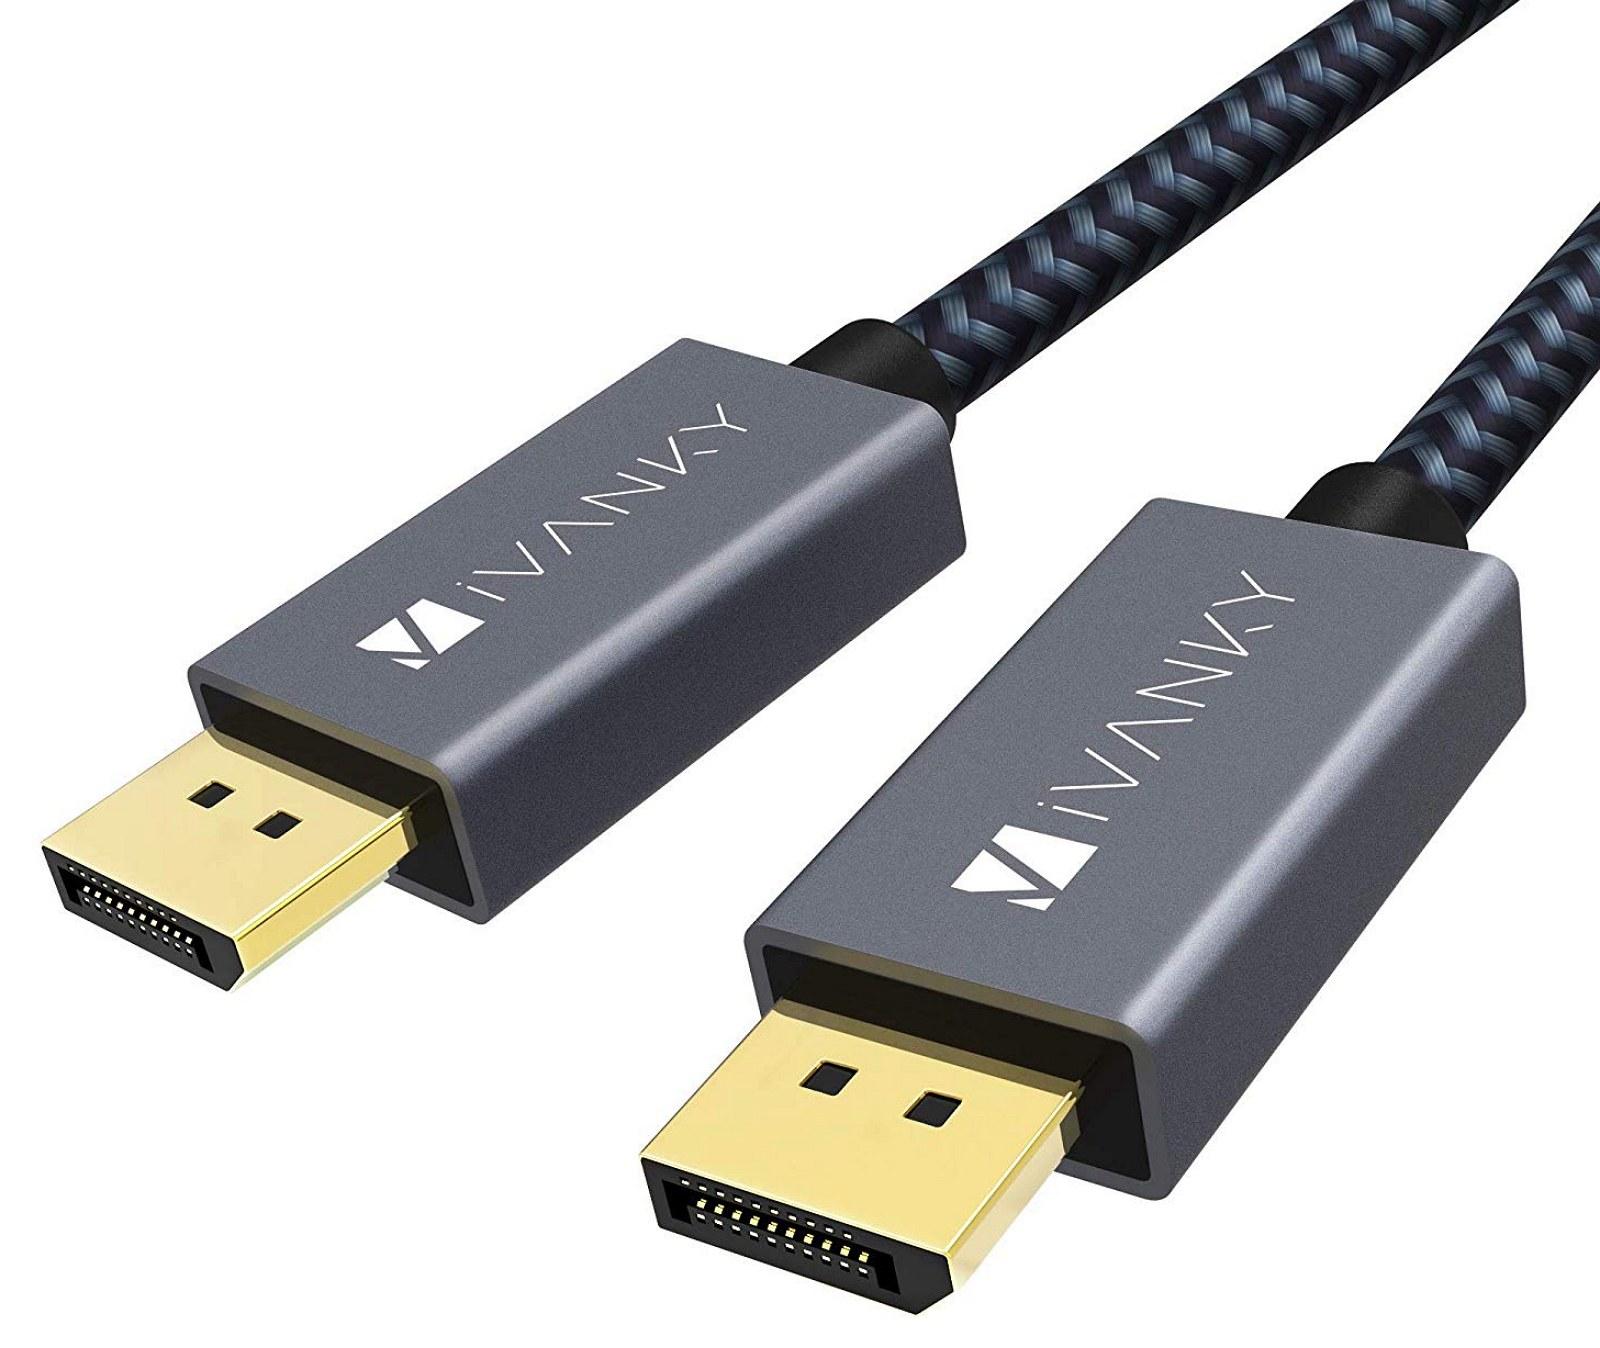 iVanky DisplayPort to DisplayPort 10ft cable